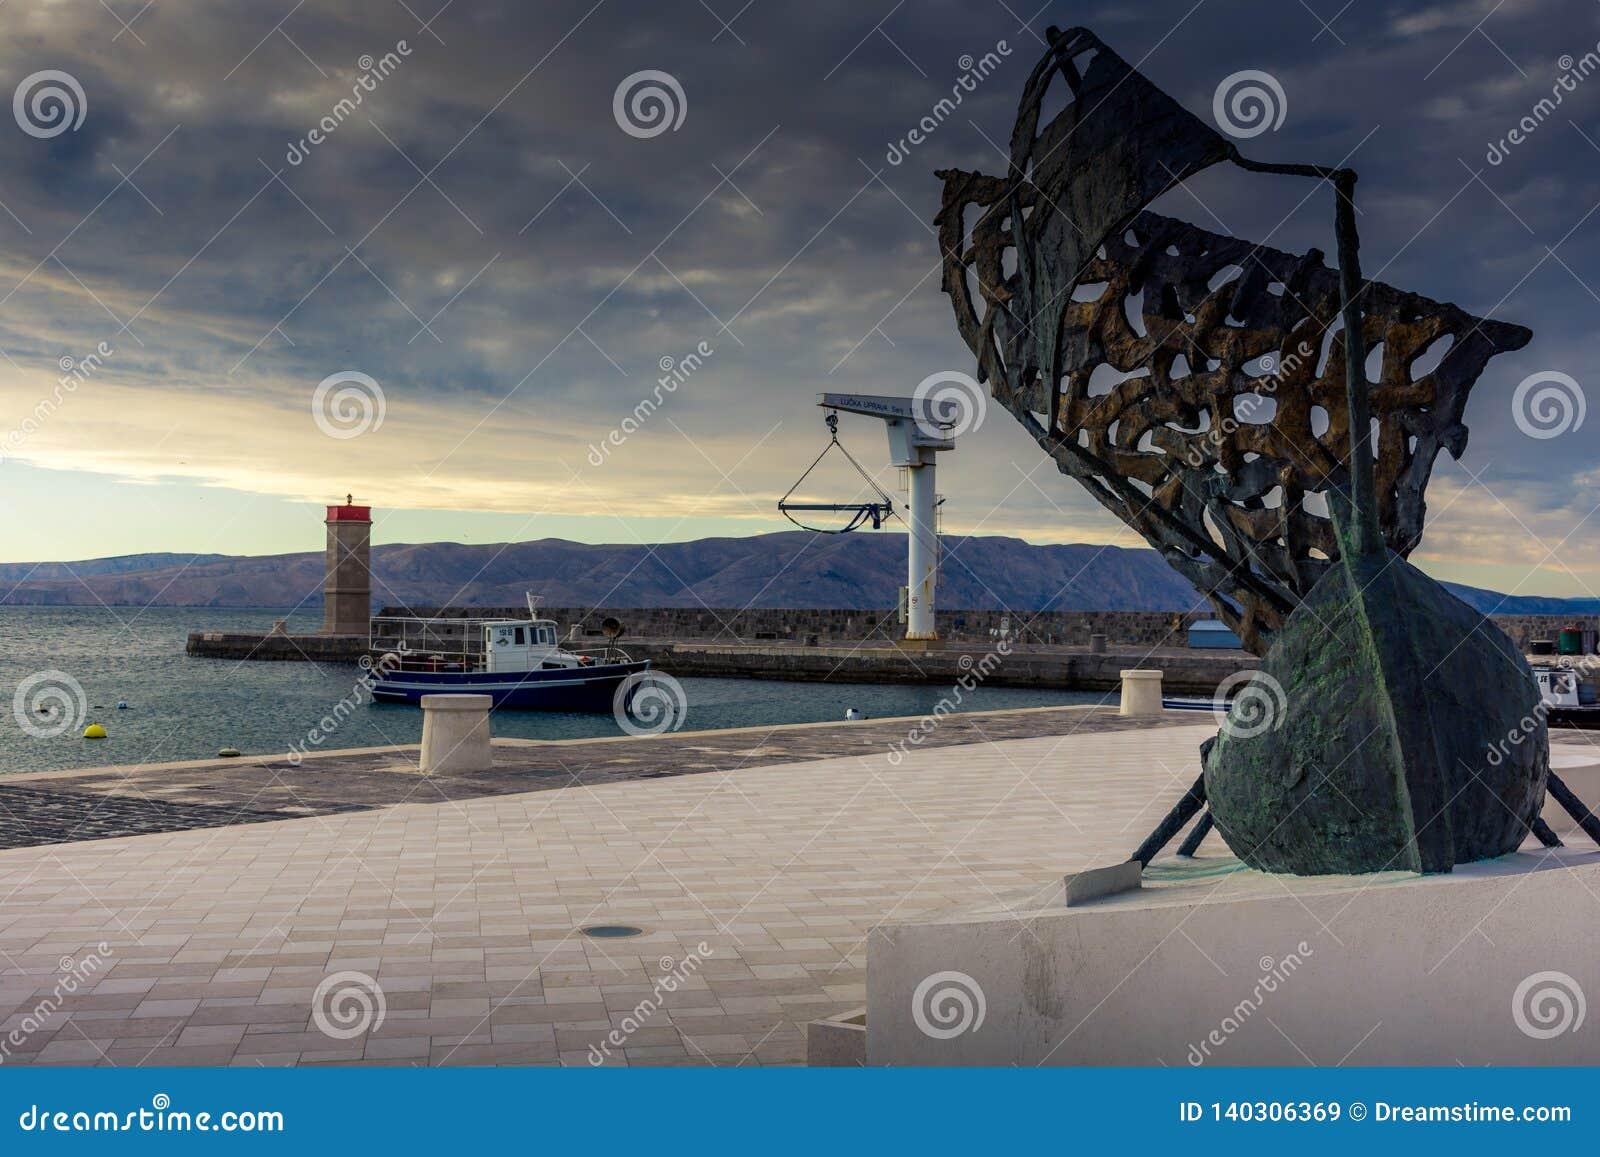 Μια βάρκα σε έναν λιμένα με ένα άγαλμα μιας πλέοντας βάρκας στο πρώτο πλάνο